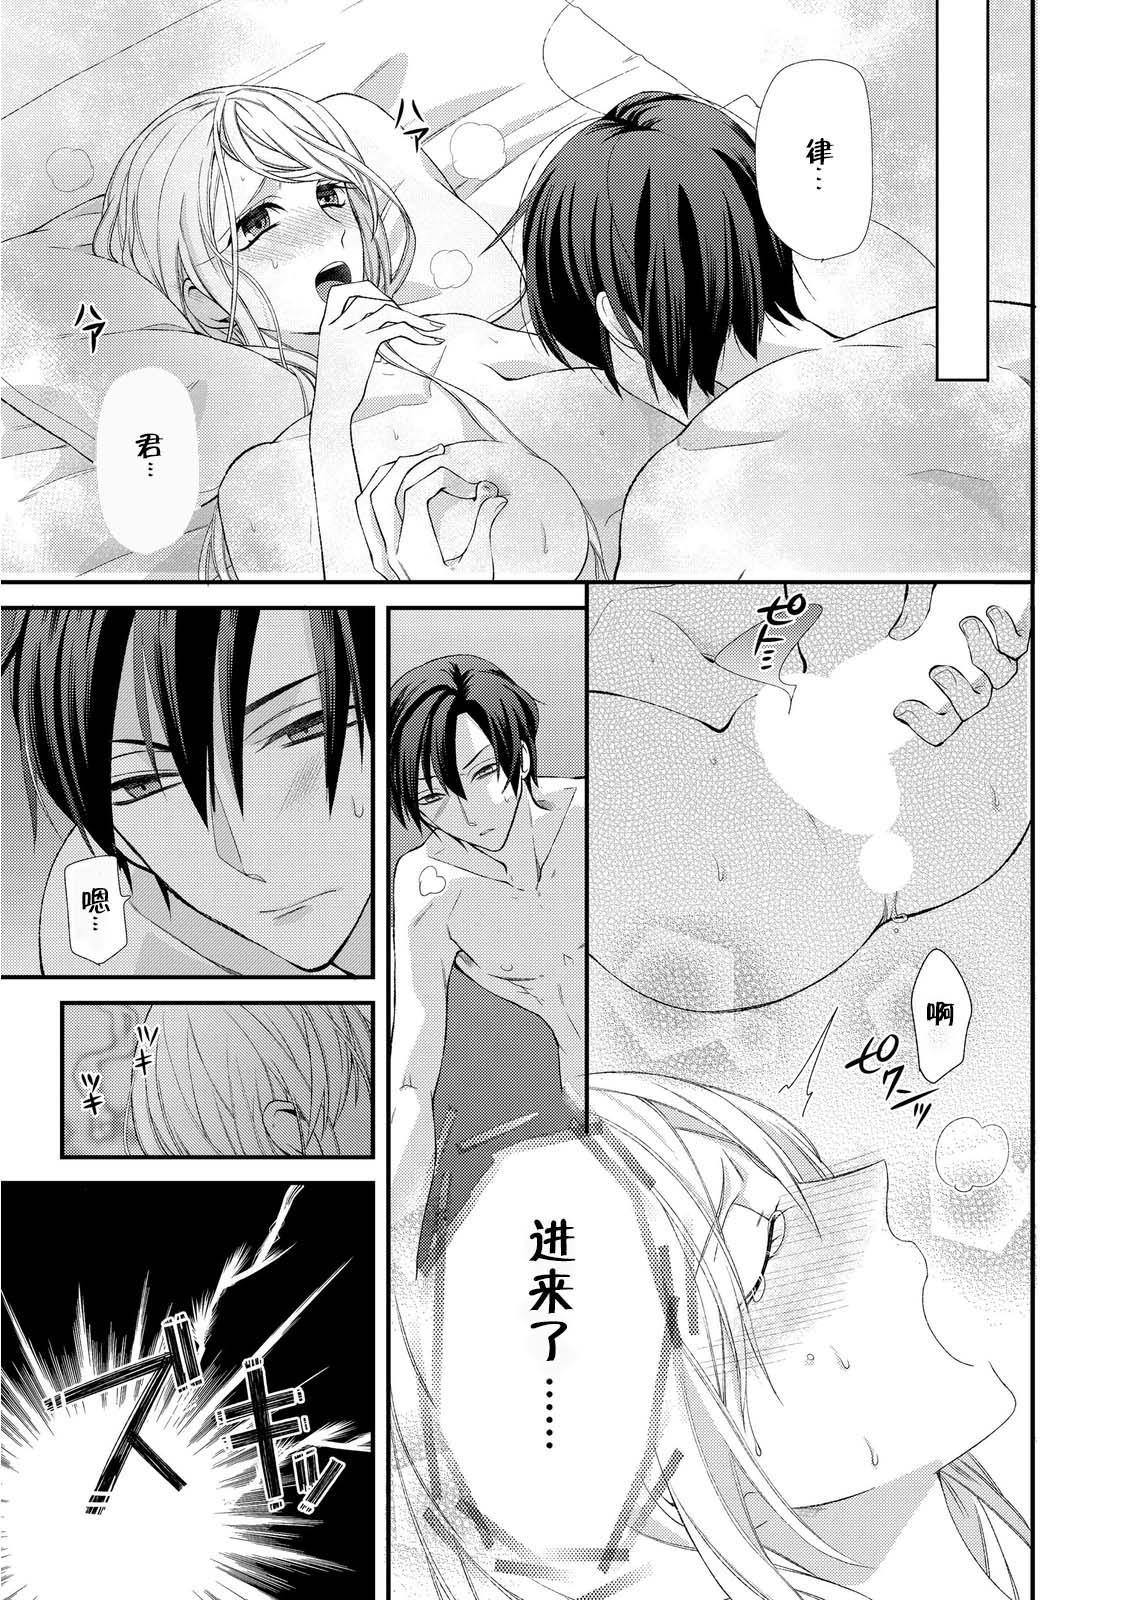 Kioku Sousitsu!? Watashi no Kareshi ha Docchi? Karada de Tameshite・・・ | 失忆!?我的男朋友到底是谁?用身体来确认…Ch. 1-2 26